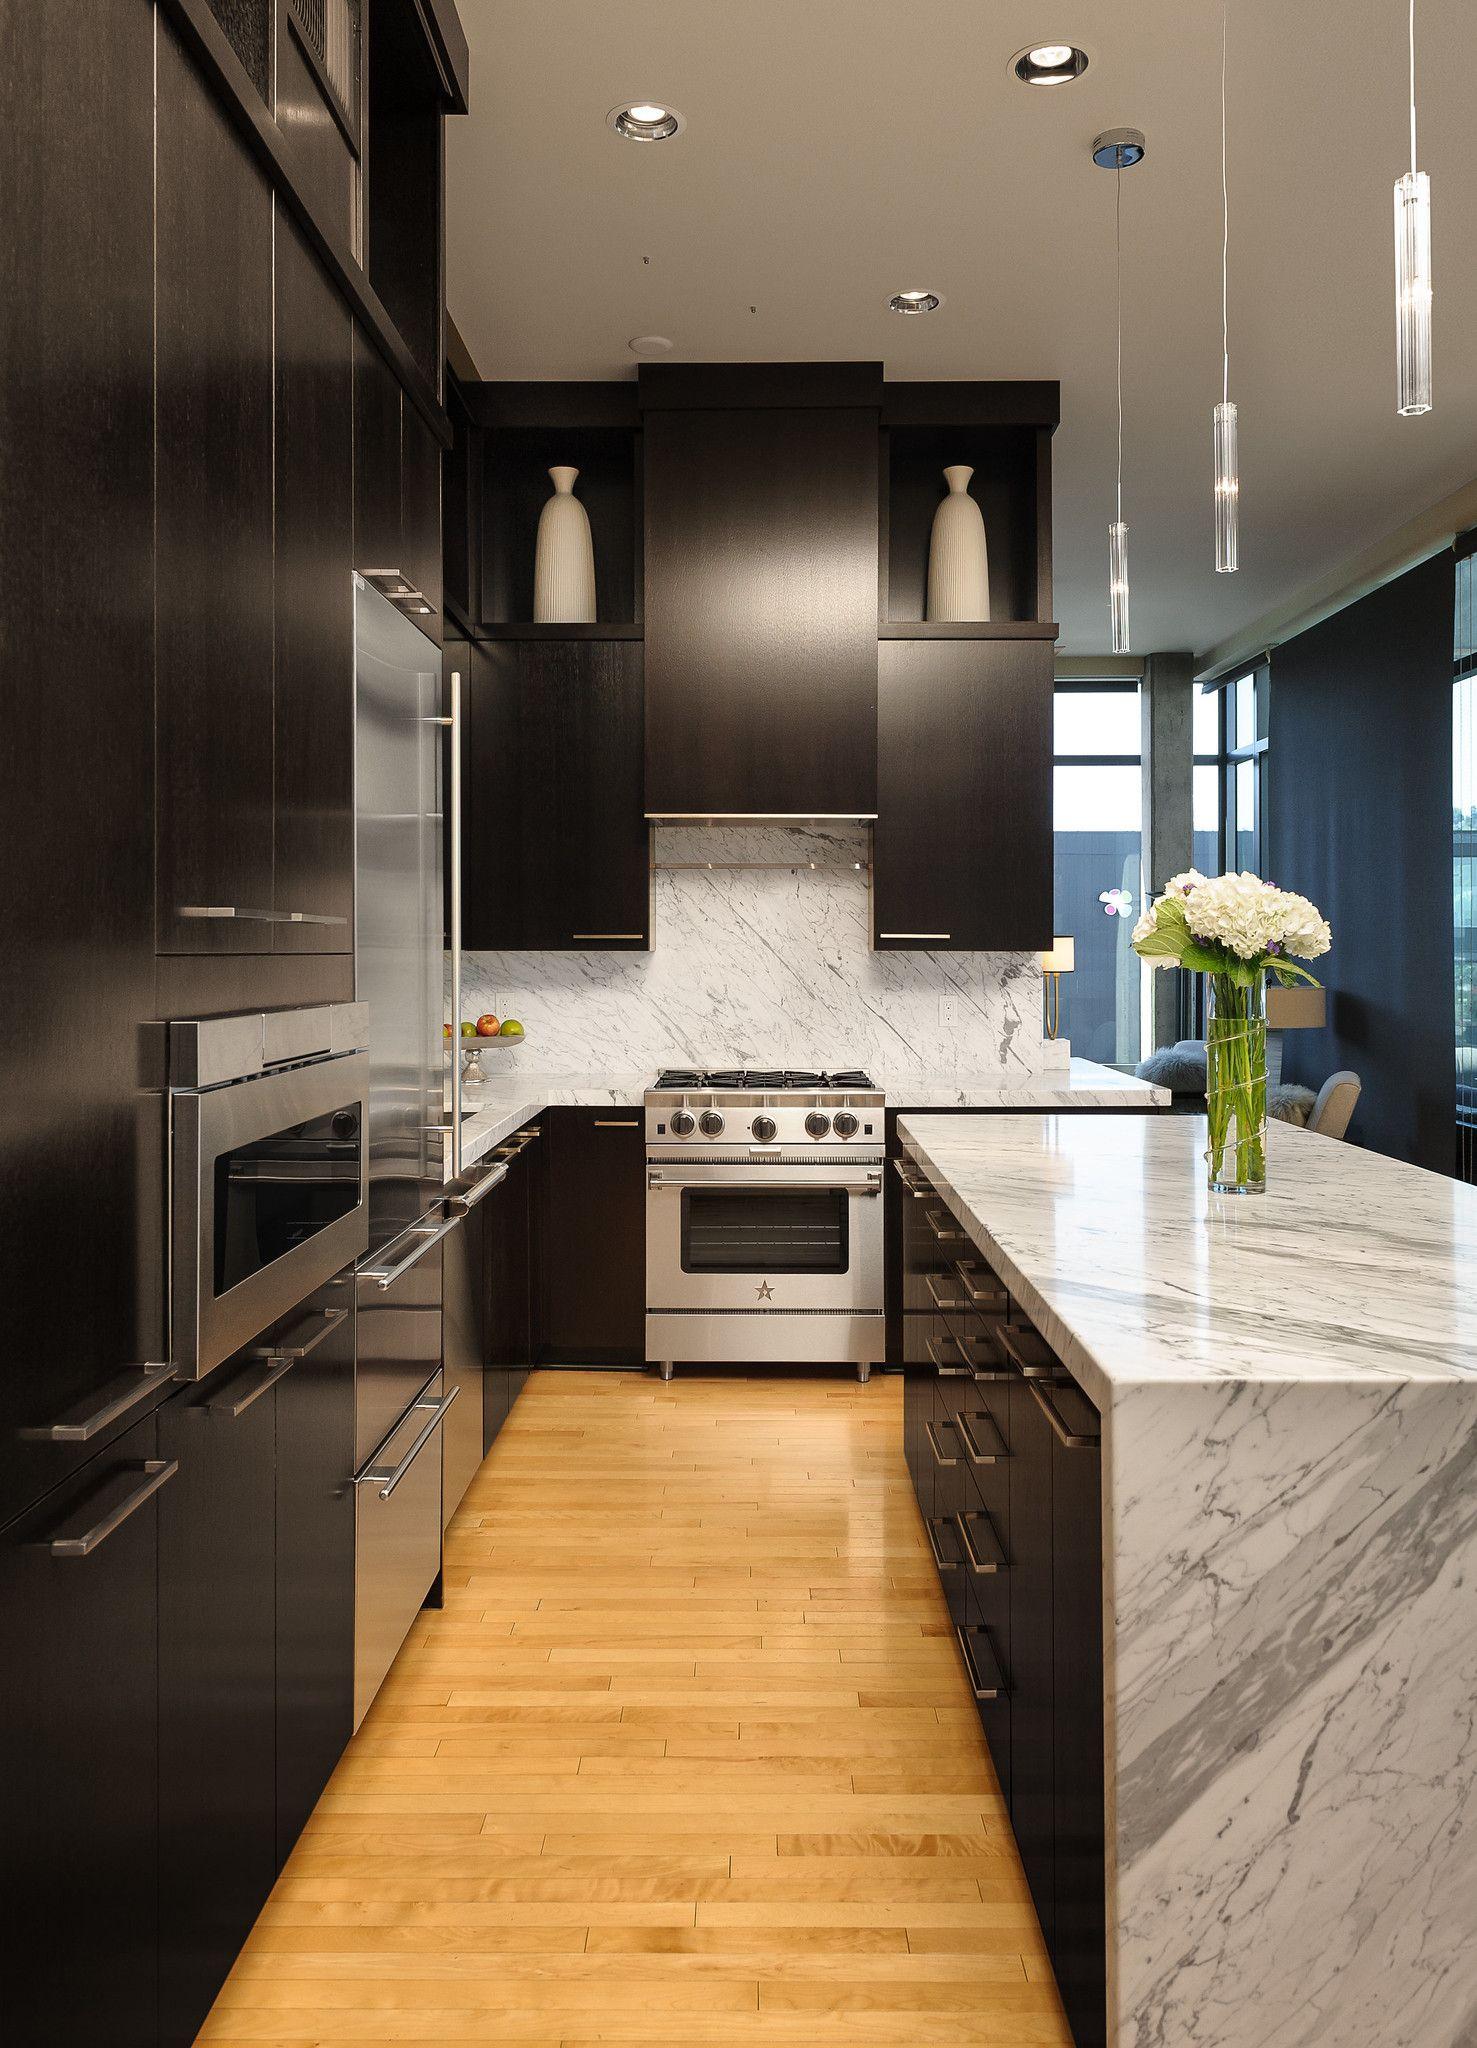 Modern Contemporary Condo Kitchen Remodel In Portland Oregon In 2020 Condo Kitchen Remodel Kitchen Remodel Condo Kitchen